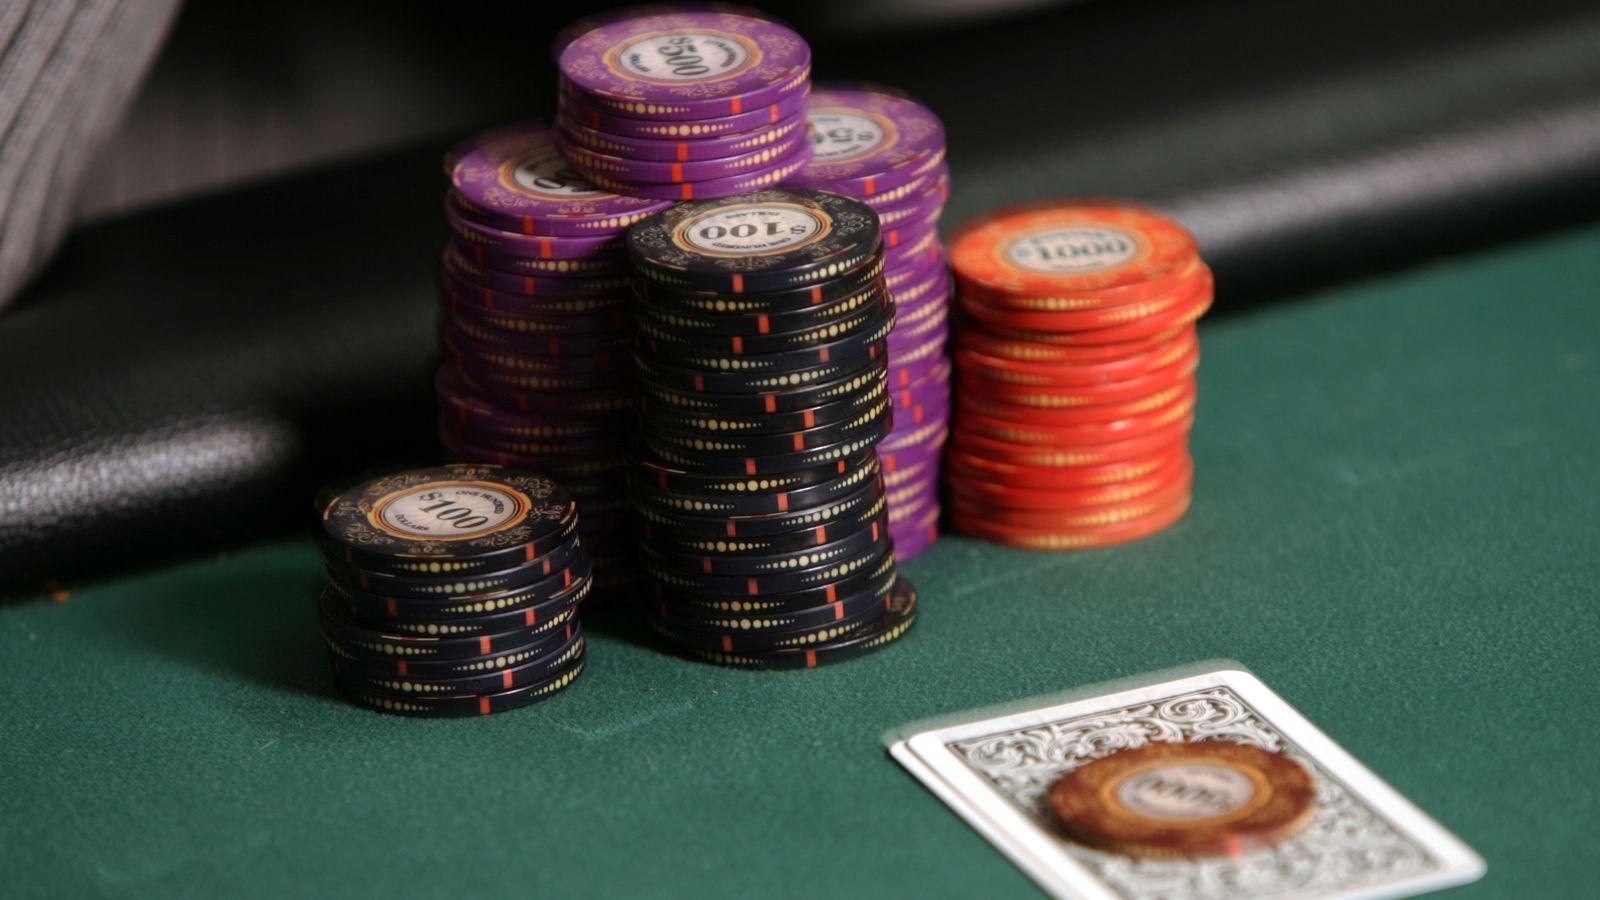 Взять и победить: ИИ выиграл покерный турнир у четырех профи - 2